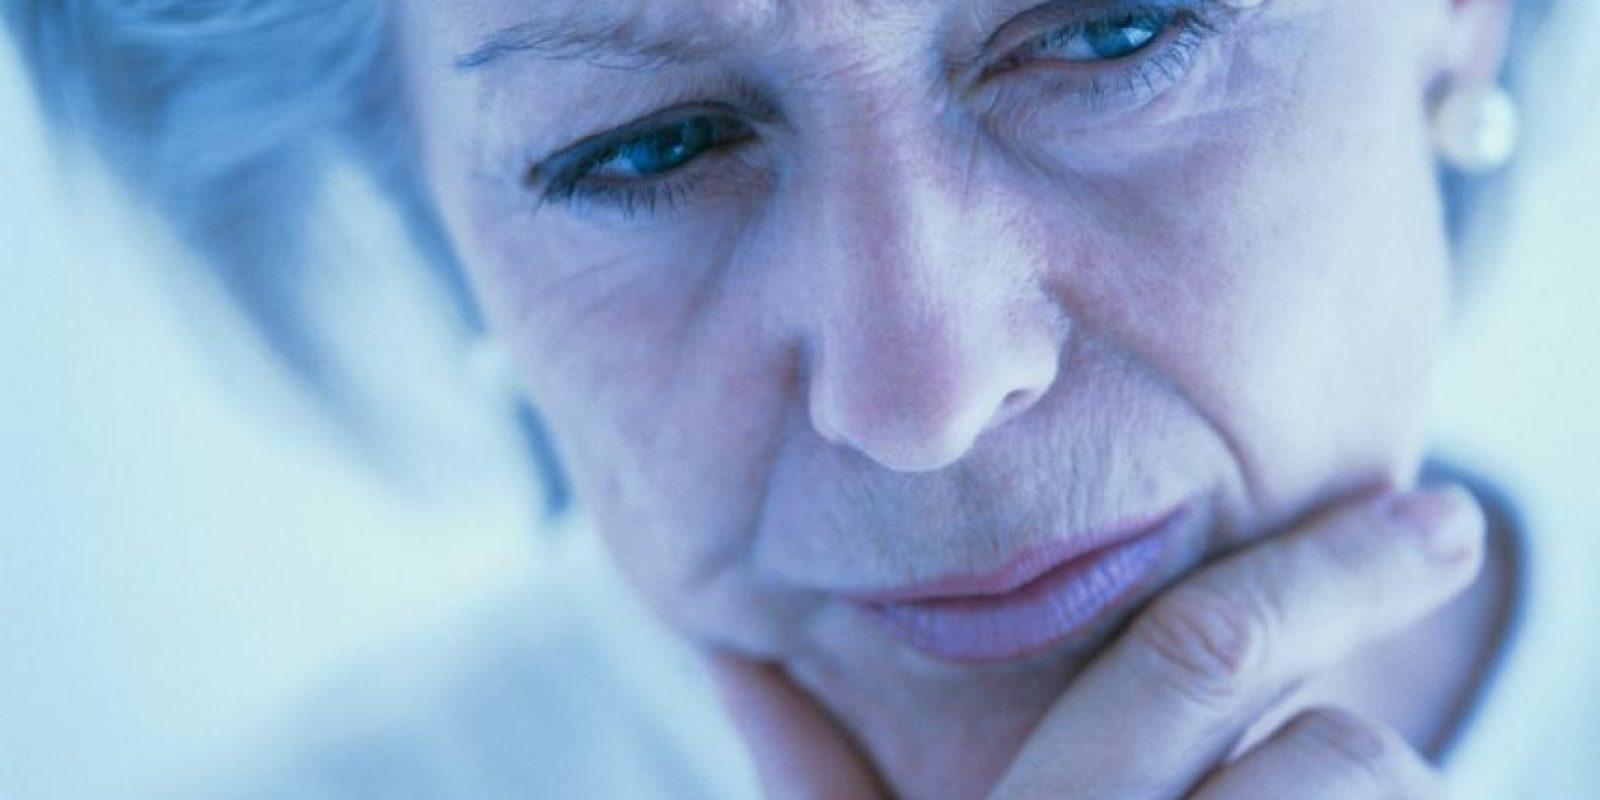 La extendida idea de que los setenta años de hoy son como los sesenta de una o dos generación atrás carece de bases, pues aunque las personas viven efectivamente más, esto no implica que su salud es mejor, declaró la Organización Mundial de la Salud (OMS). Foto:Pinterest